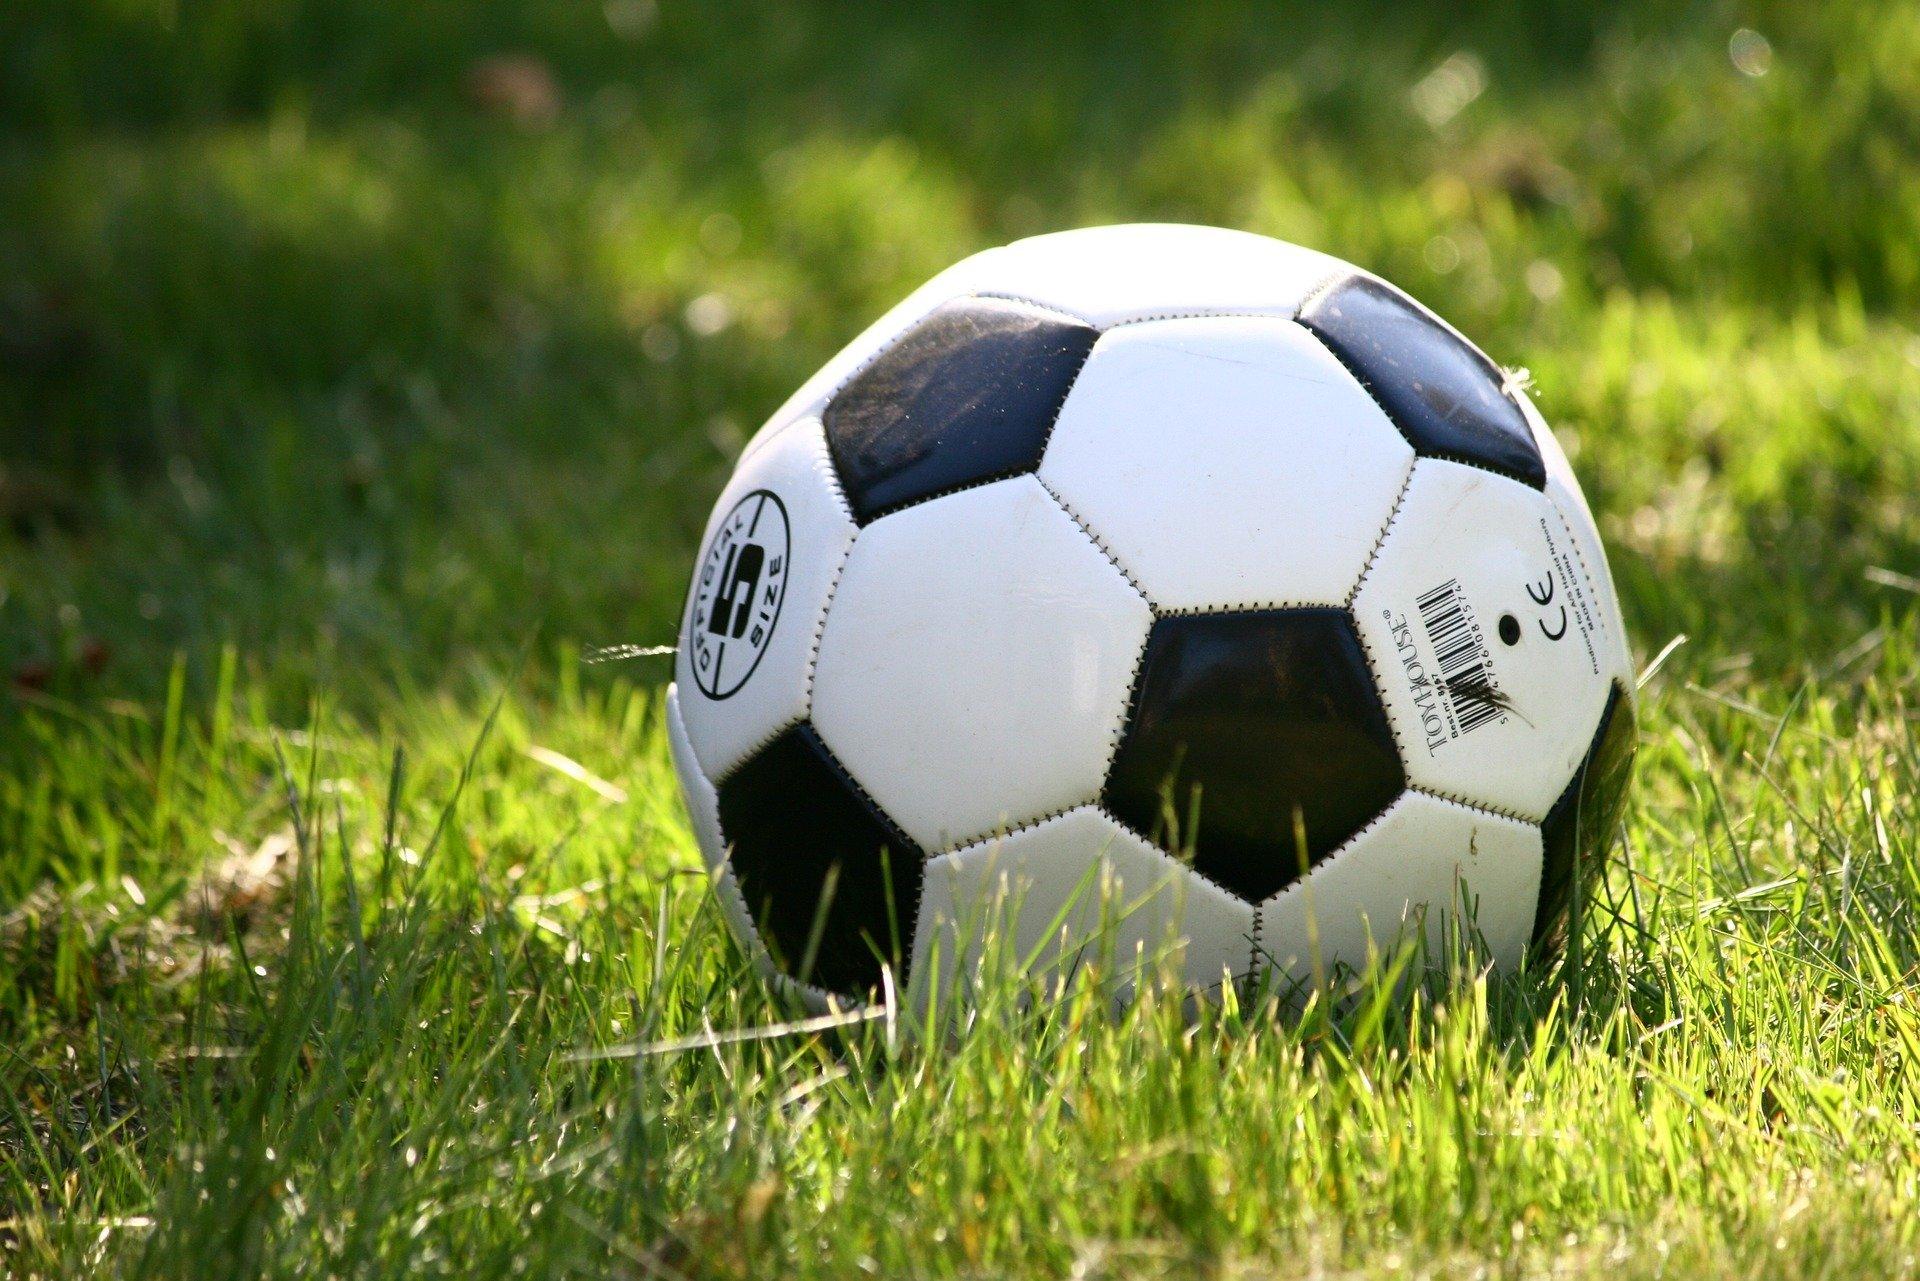 Fußball auf der Leinwand gibt es im Keuninghaus. (Foto: AnnRos / Pixabay)